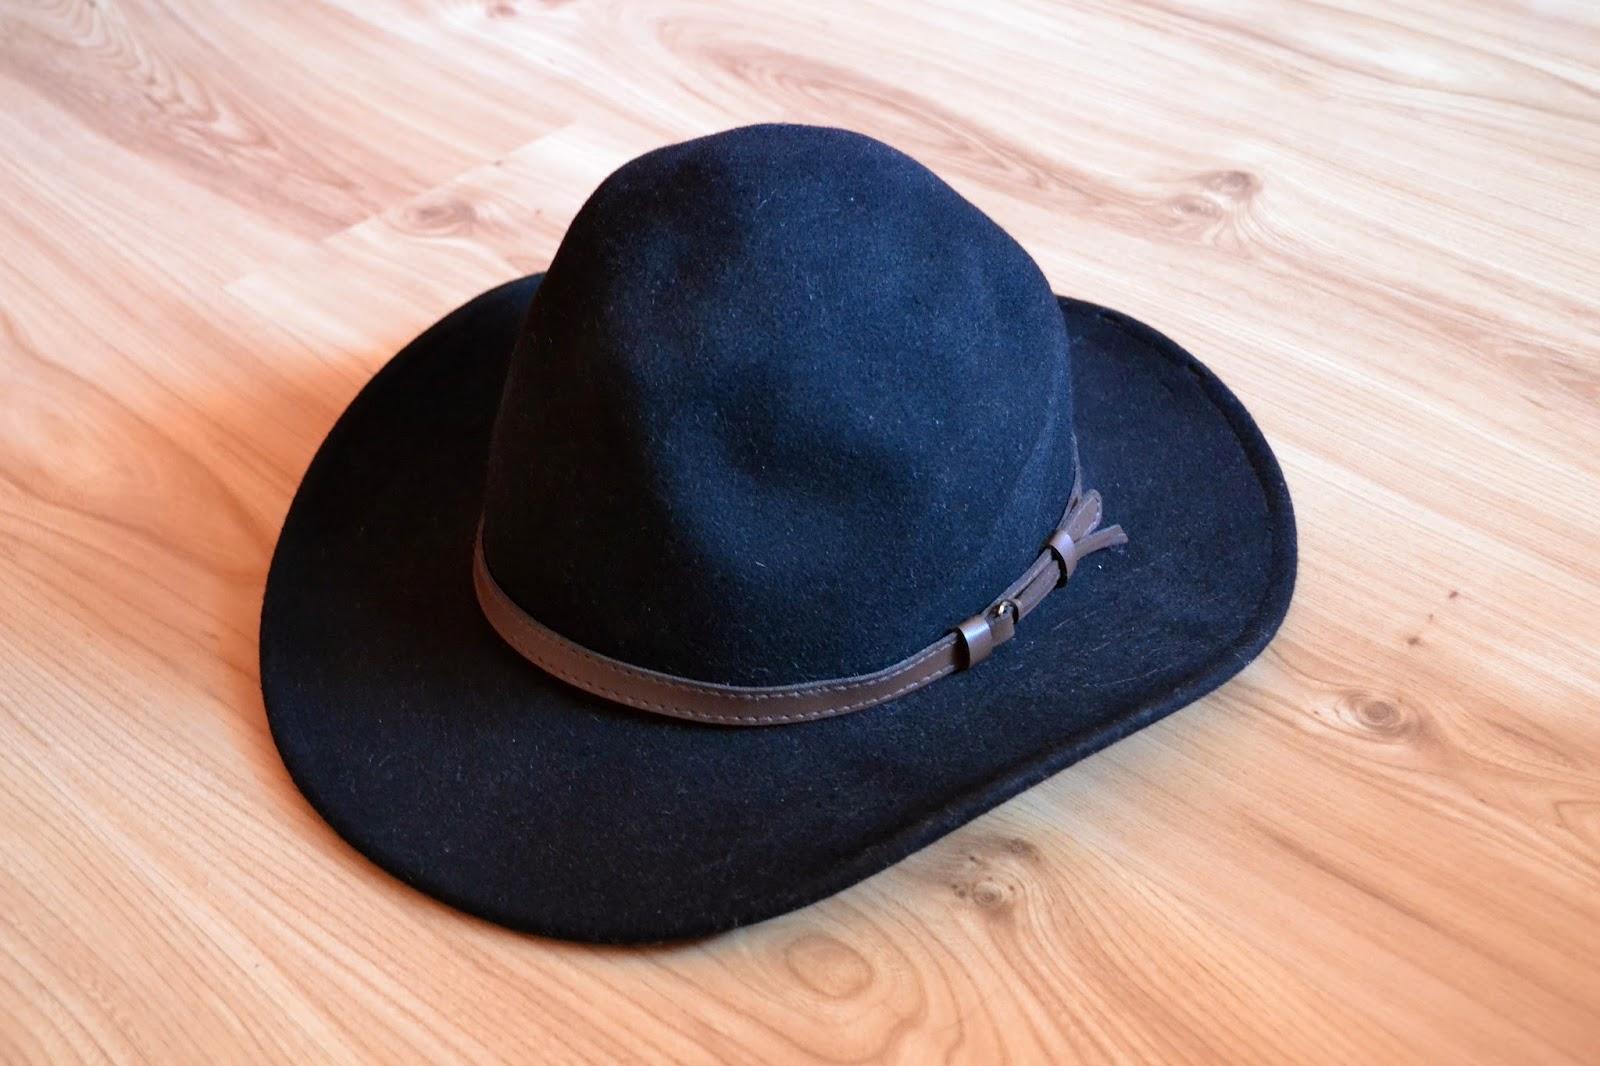 czarny kapelusz, kapelusz zara